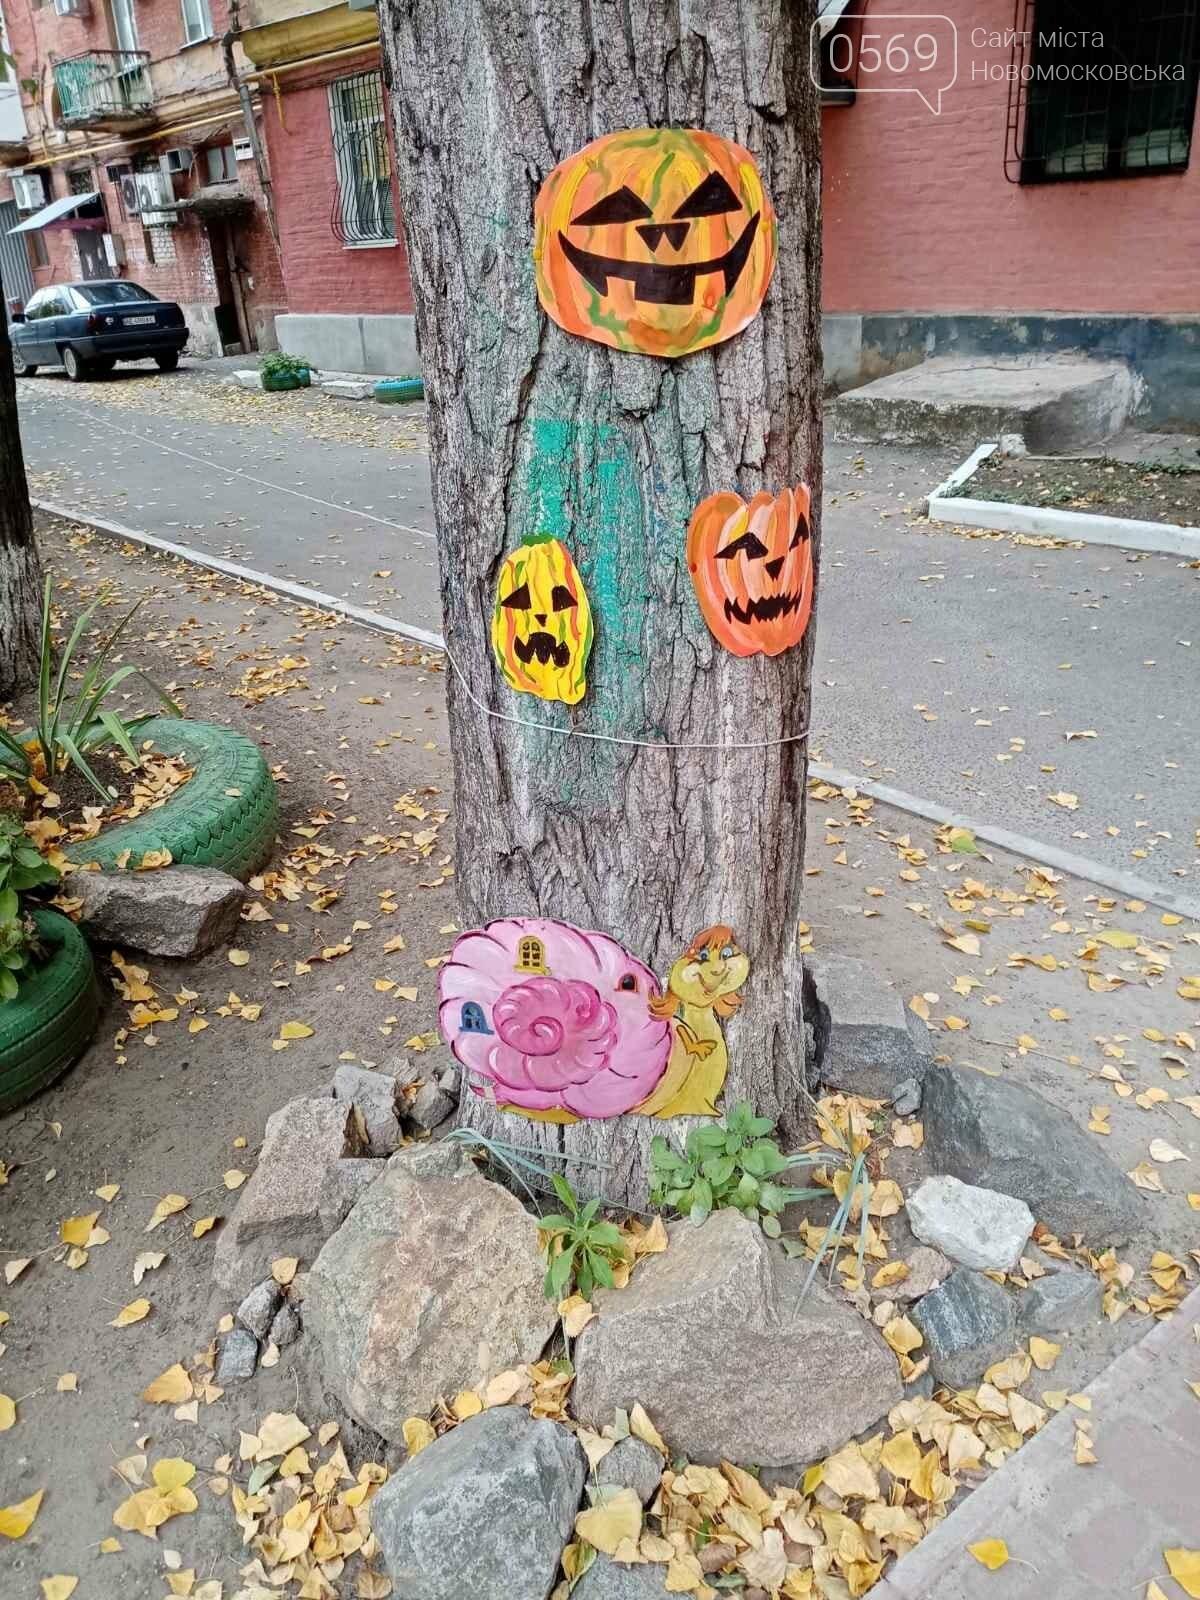 Мешканці одного з будинків центру Новомосковська влаштували у своєму дворику свято Хелловін: ФОТО, фото-15